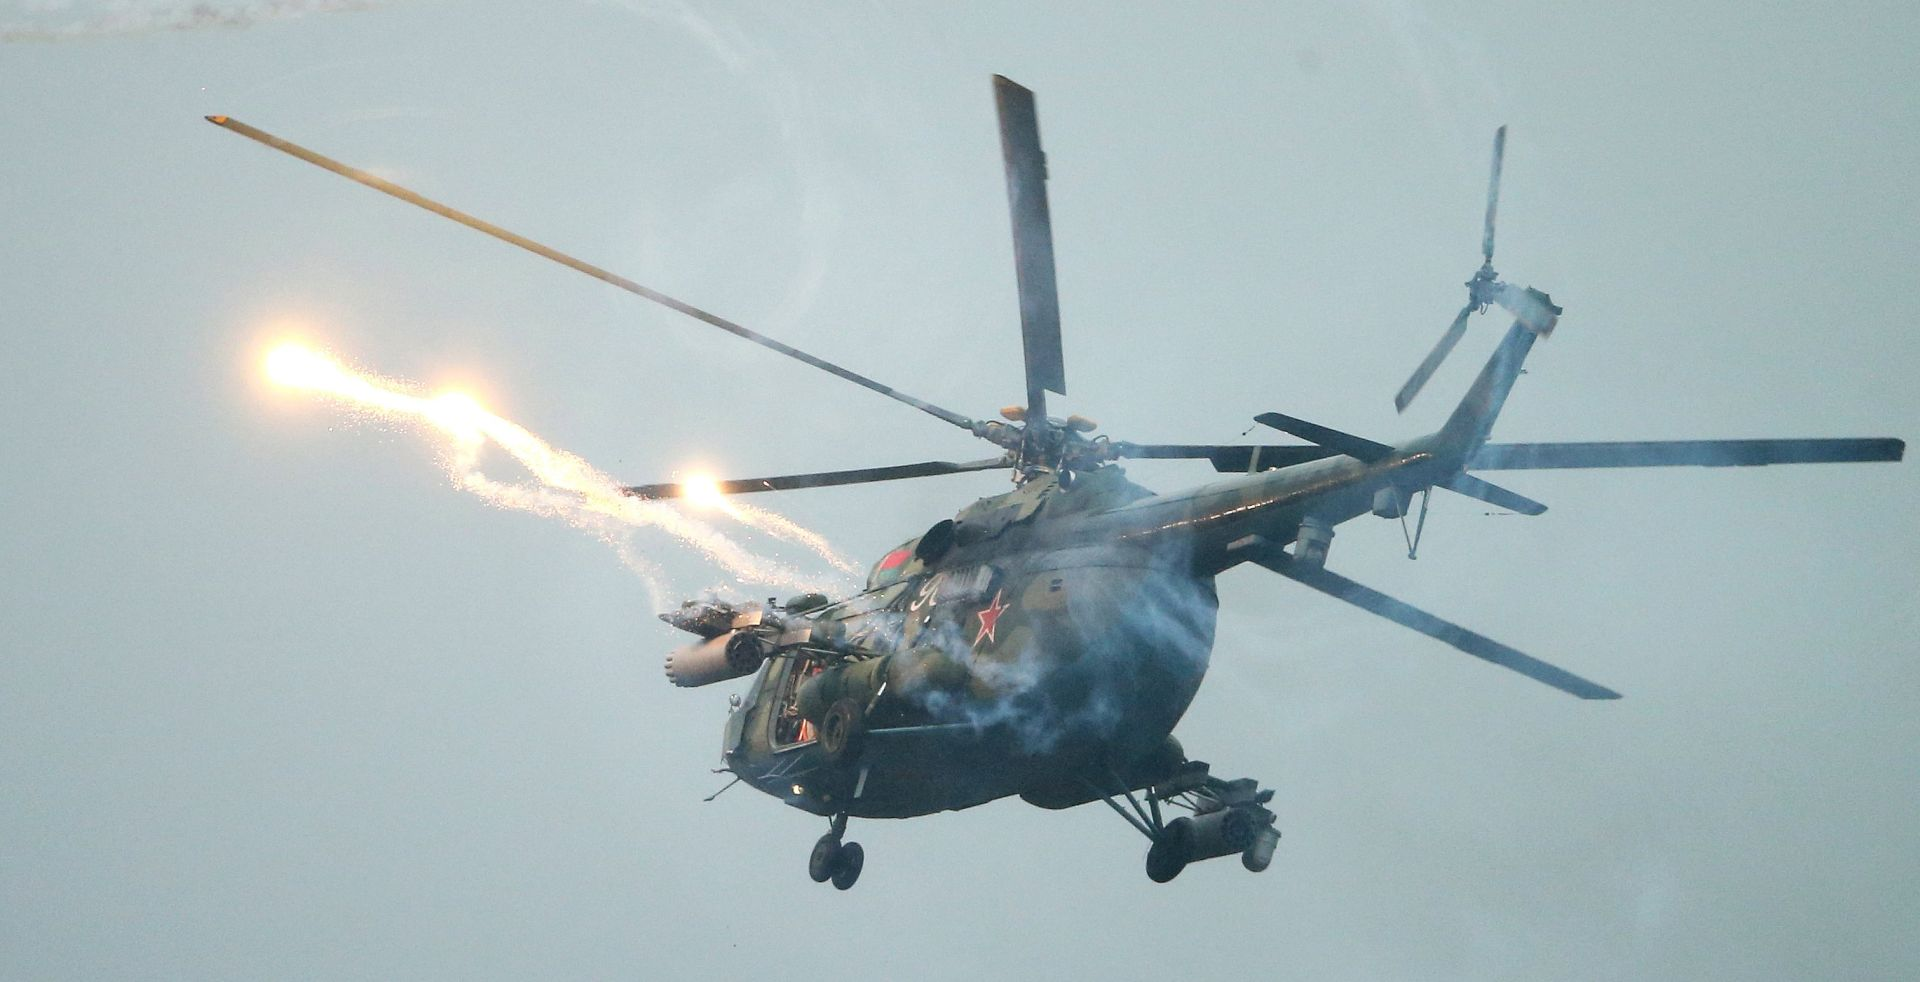 Ruski helikopter na vojnoj vježbi pogreškom pogodio civile